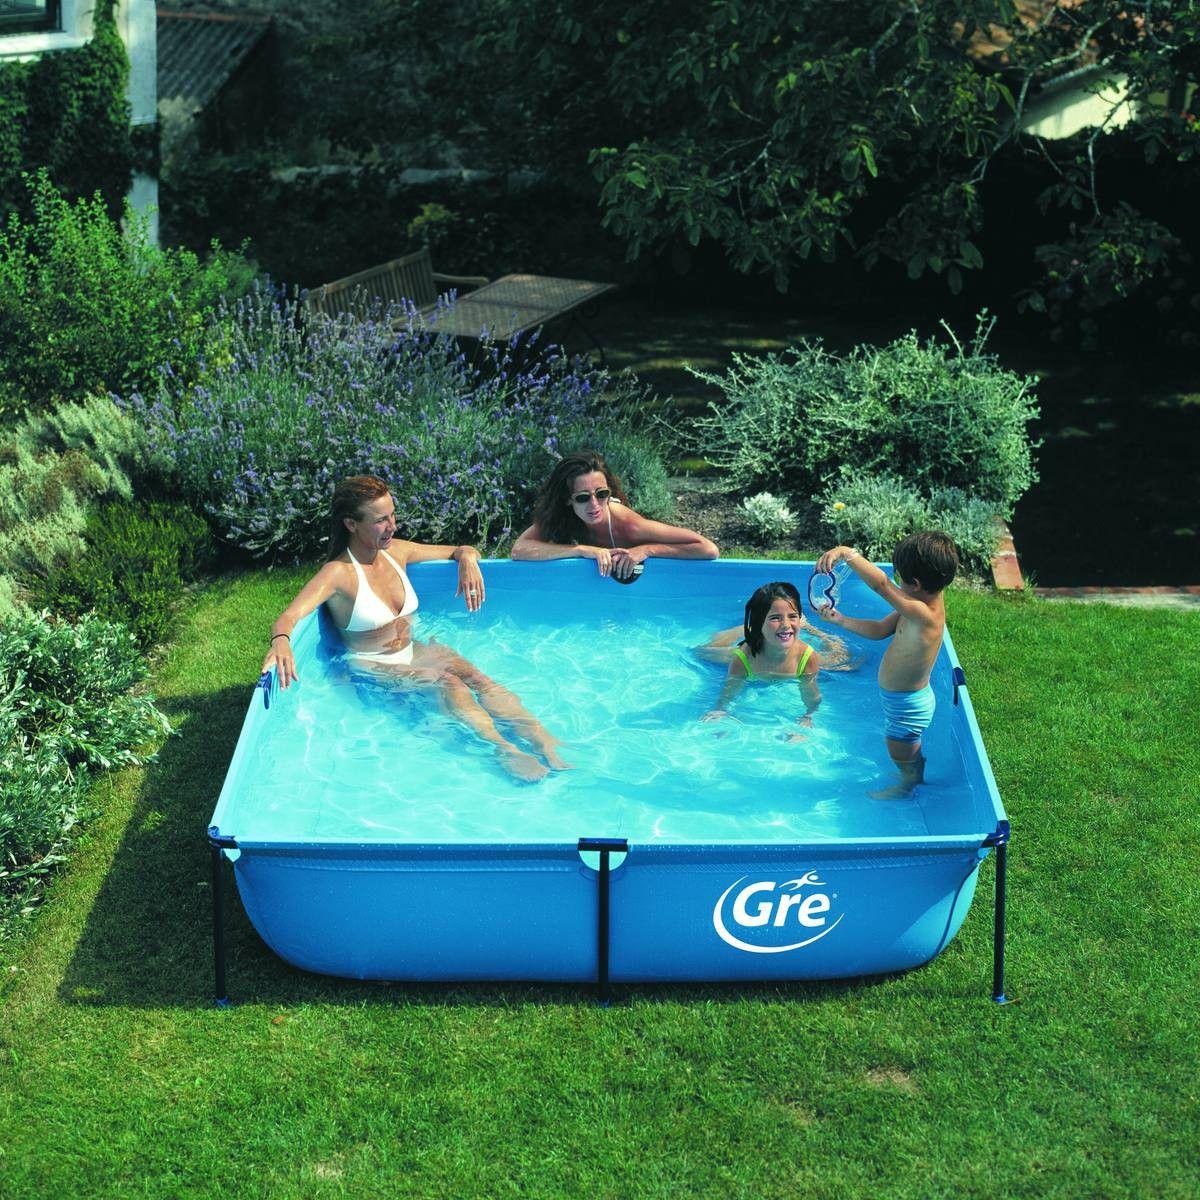 piscine enfant gre hors sol tubulaire jet pool junior. Black Bedroom Furniture Sets. Home Design Ideas